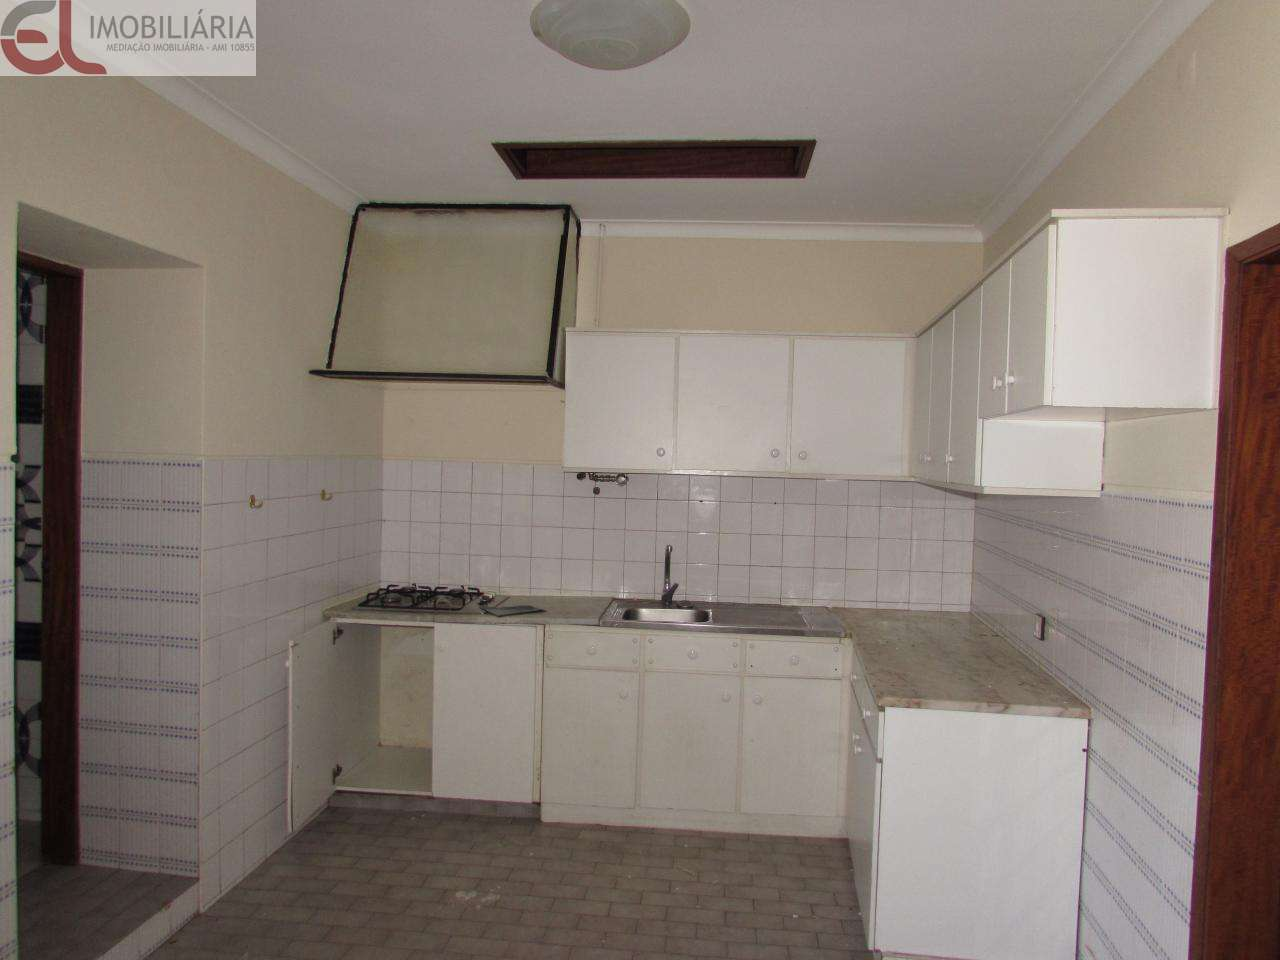 Apartamento para arrendar, Darque, Viana do Castelo - Foto 4